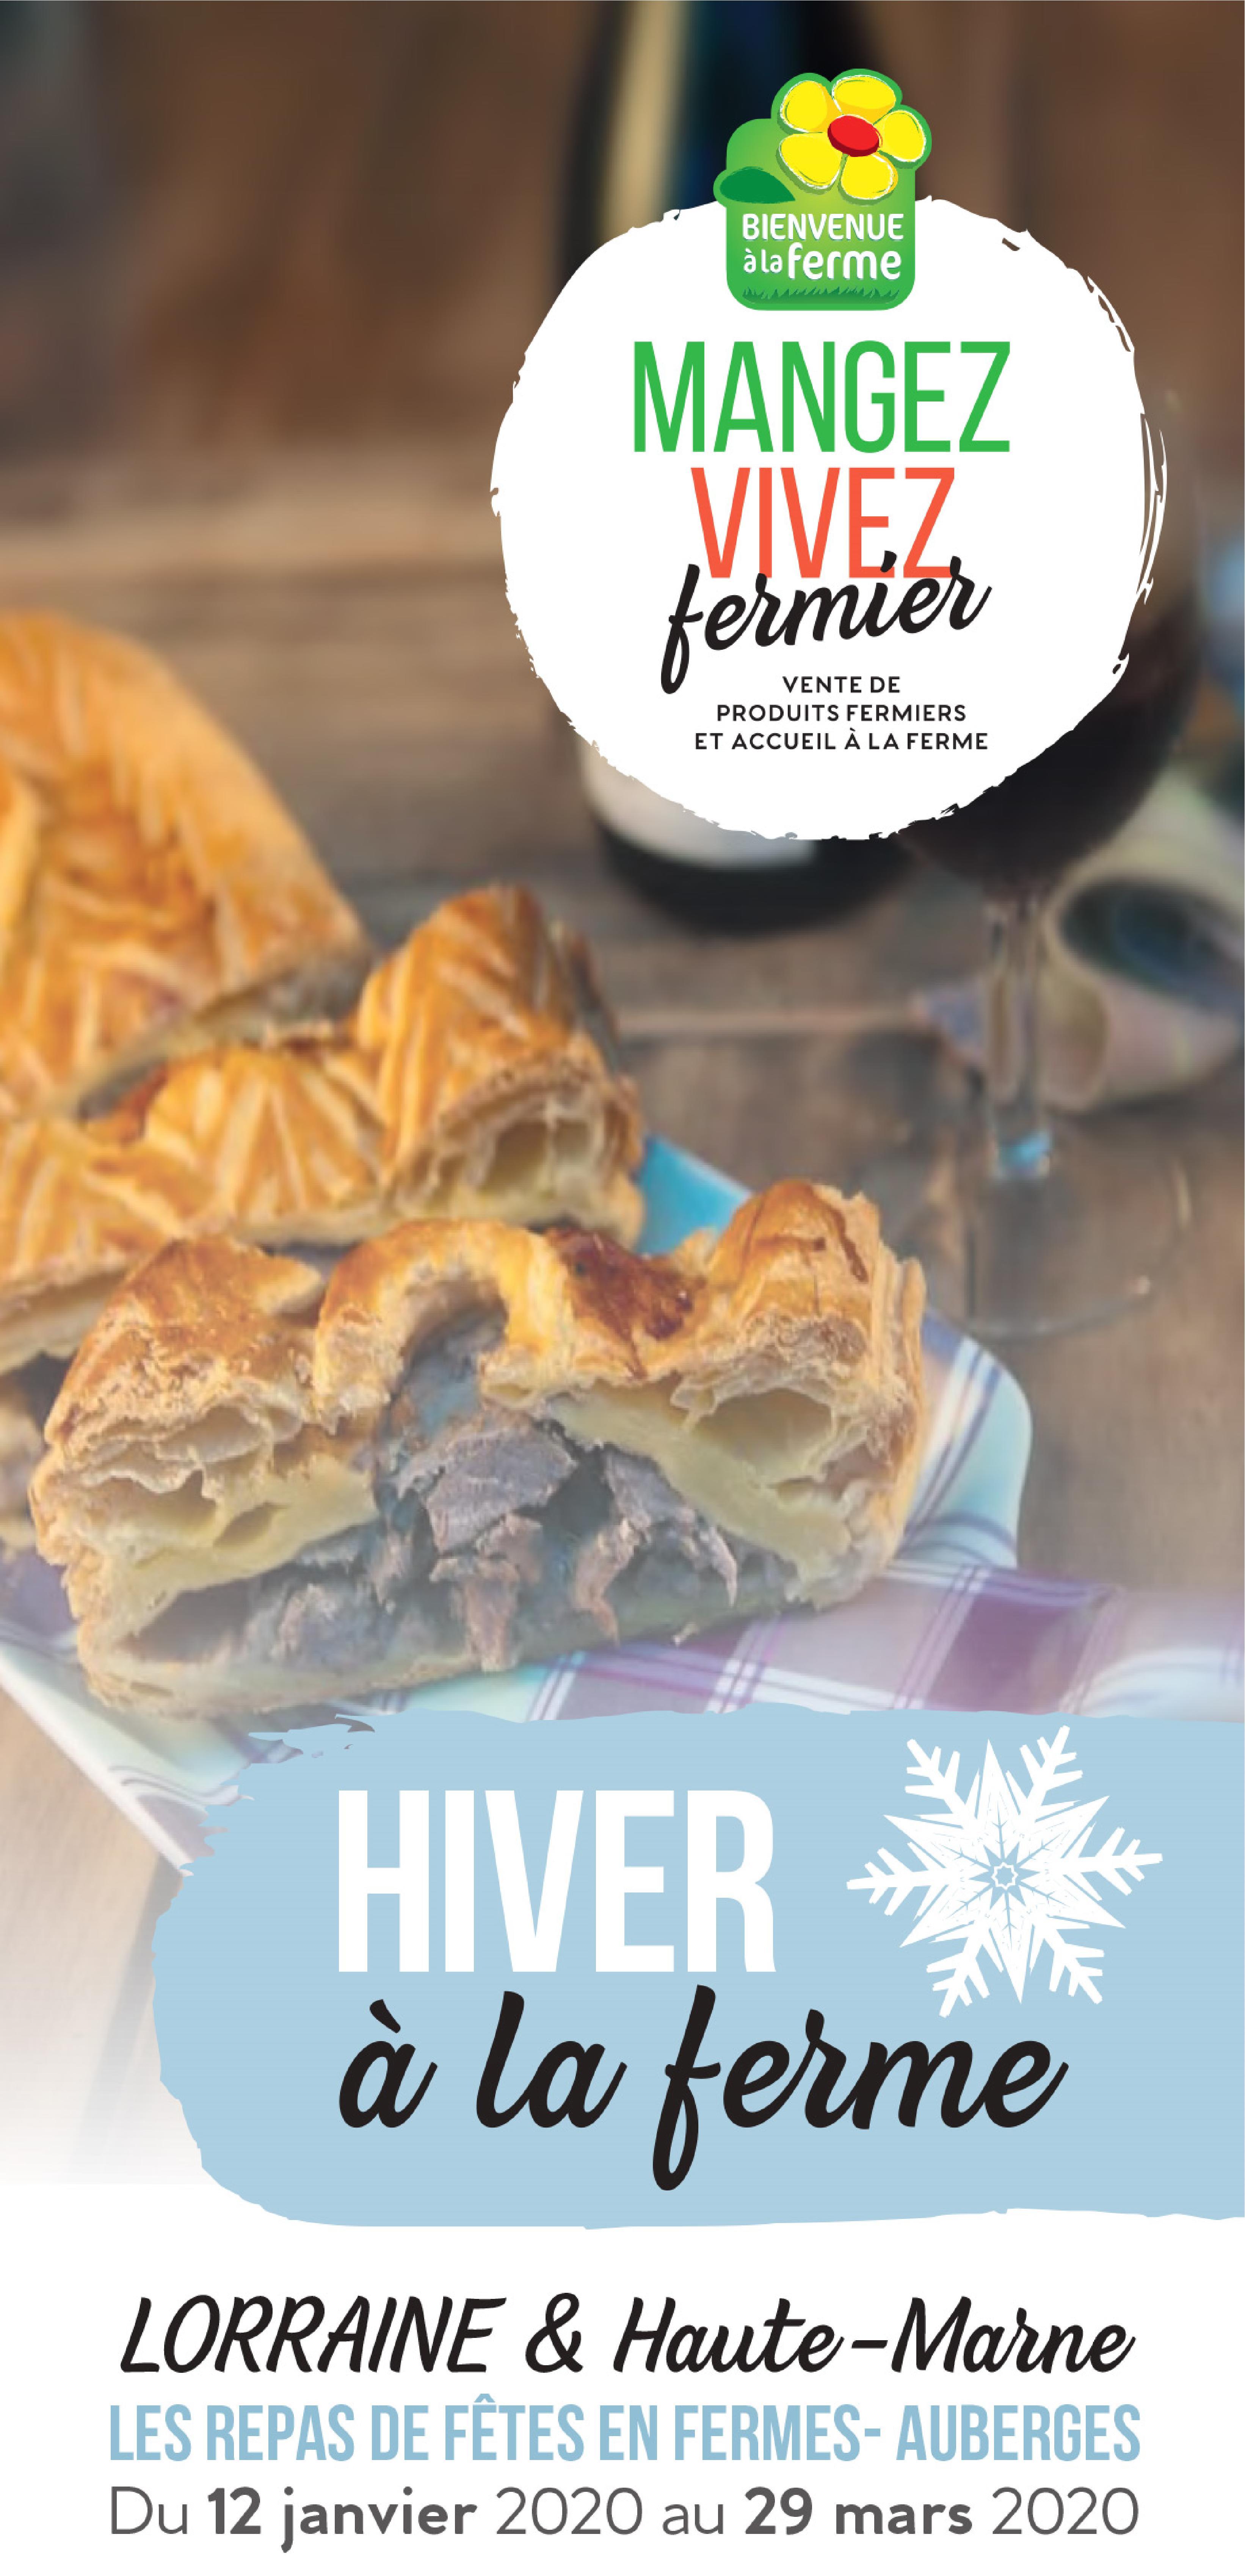 Goûtez l'Hiver à la Ferme 2020 Programmation Les Repas de Fêtes en Fermes-Auberges 12 janvier au 29 mars